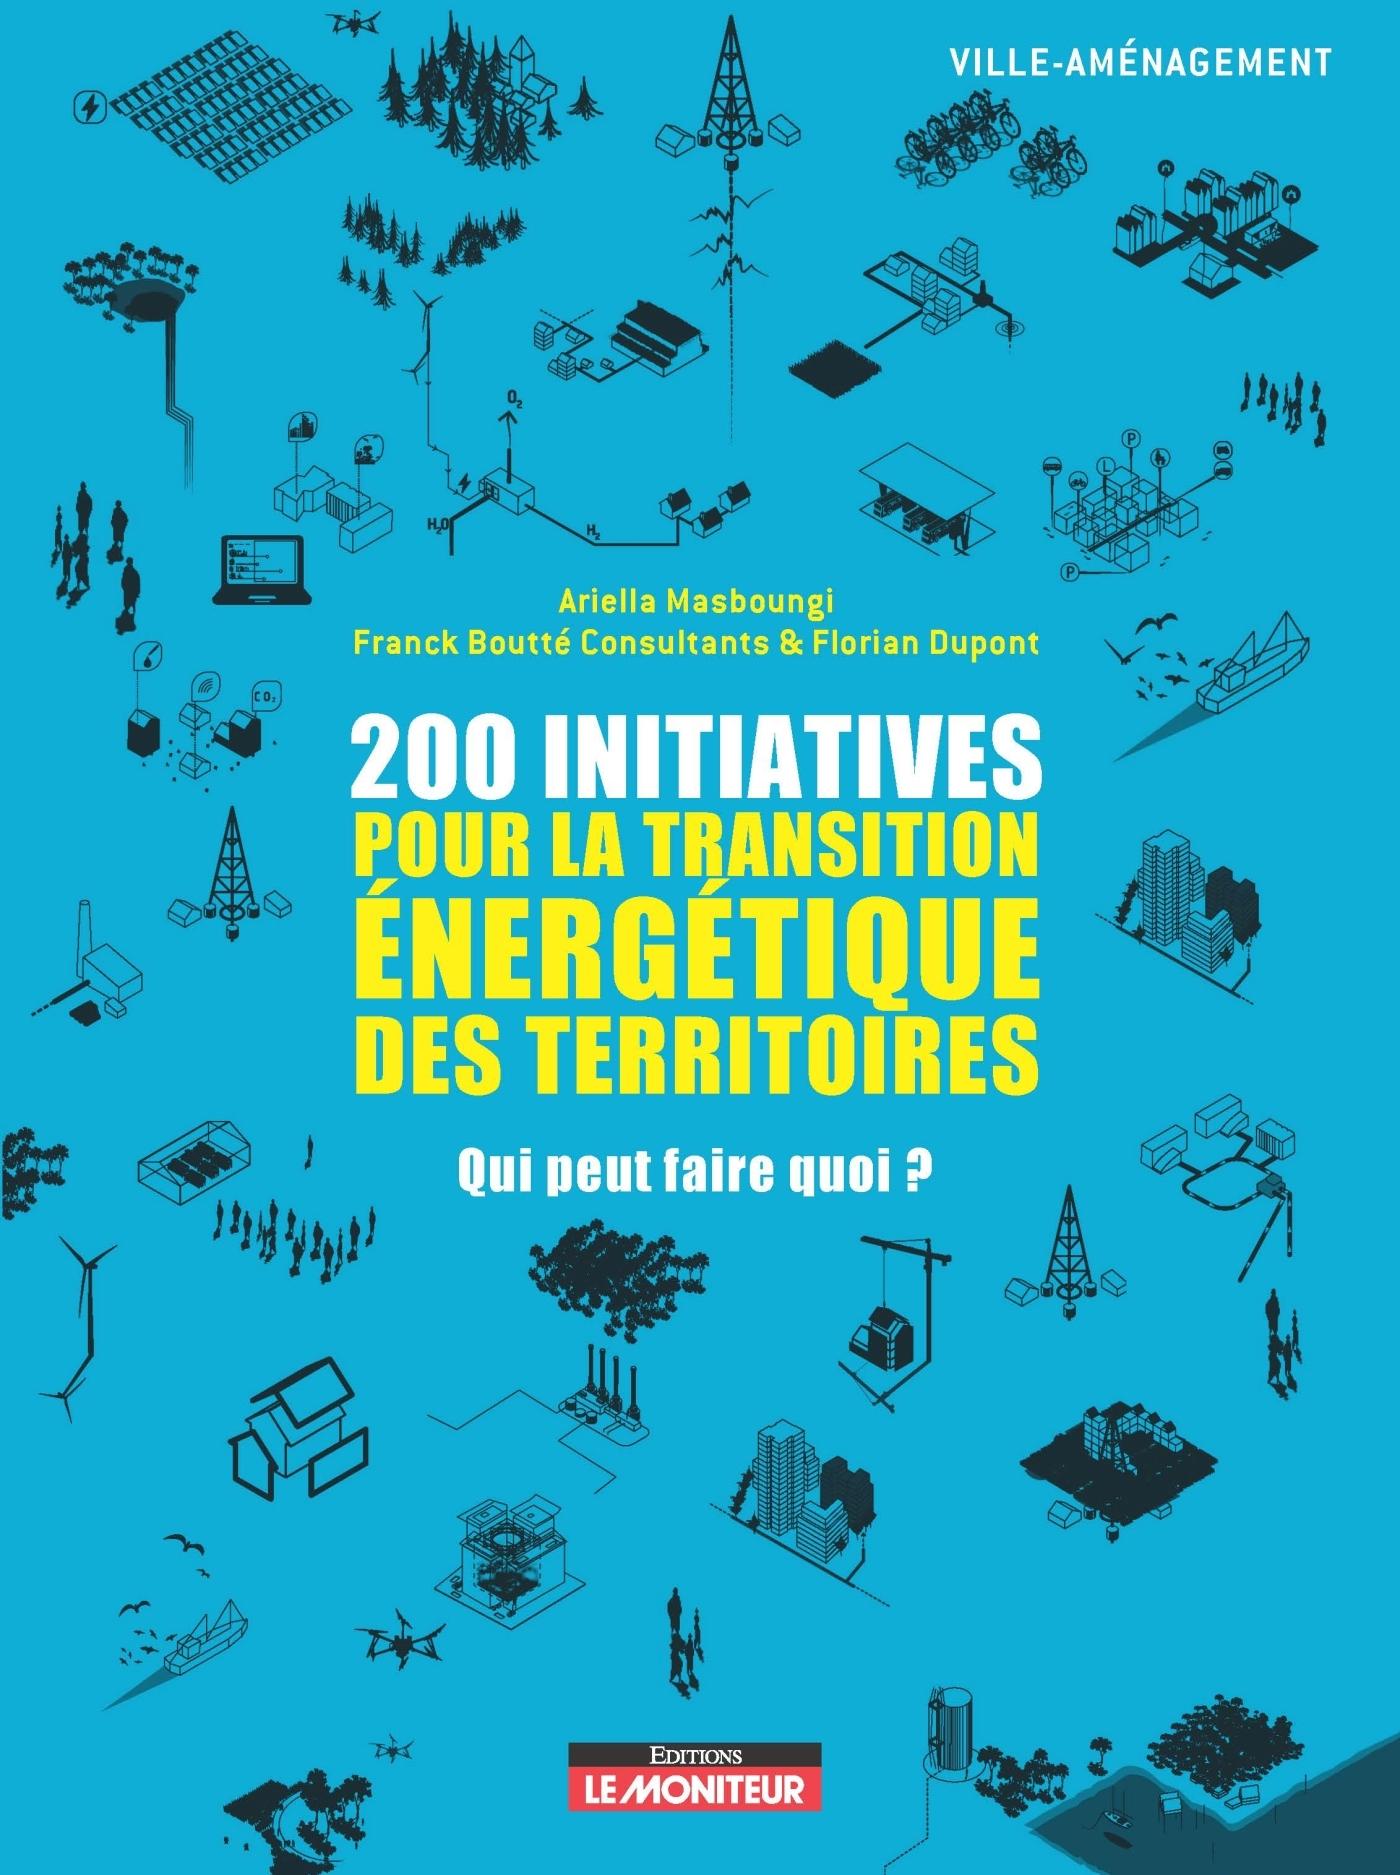 200 INITIATIVES POUR LA TRANSITION ENERGETIQUE DES TERRITOIRES - QUI PEUT FAIRE QUOI ?